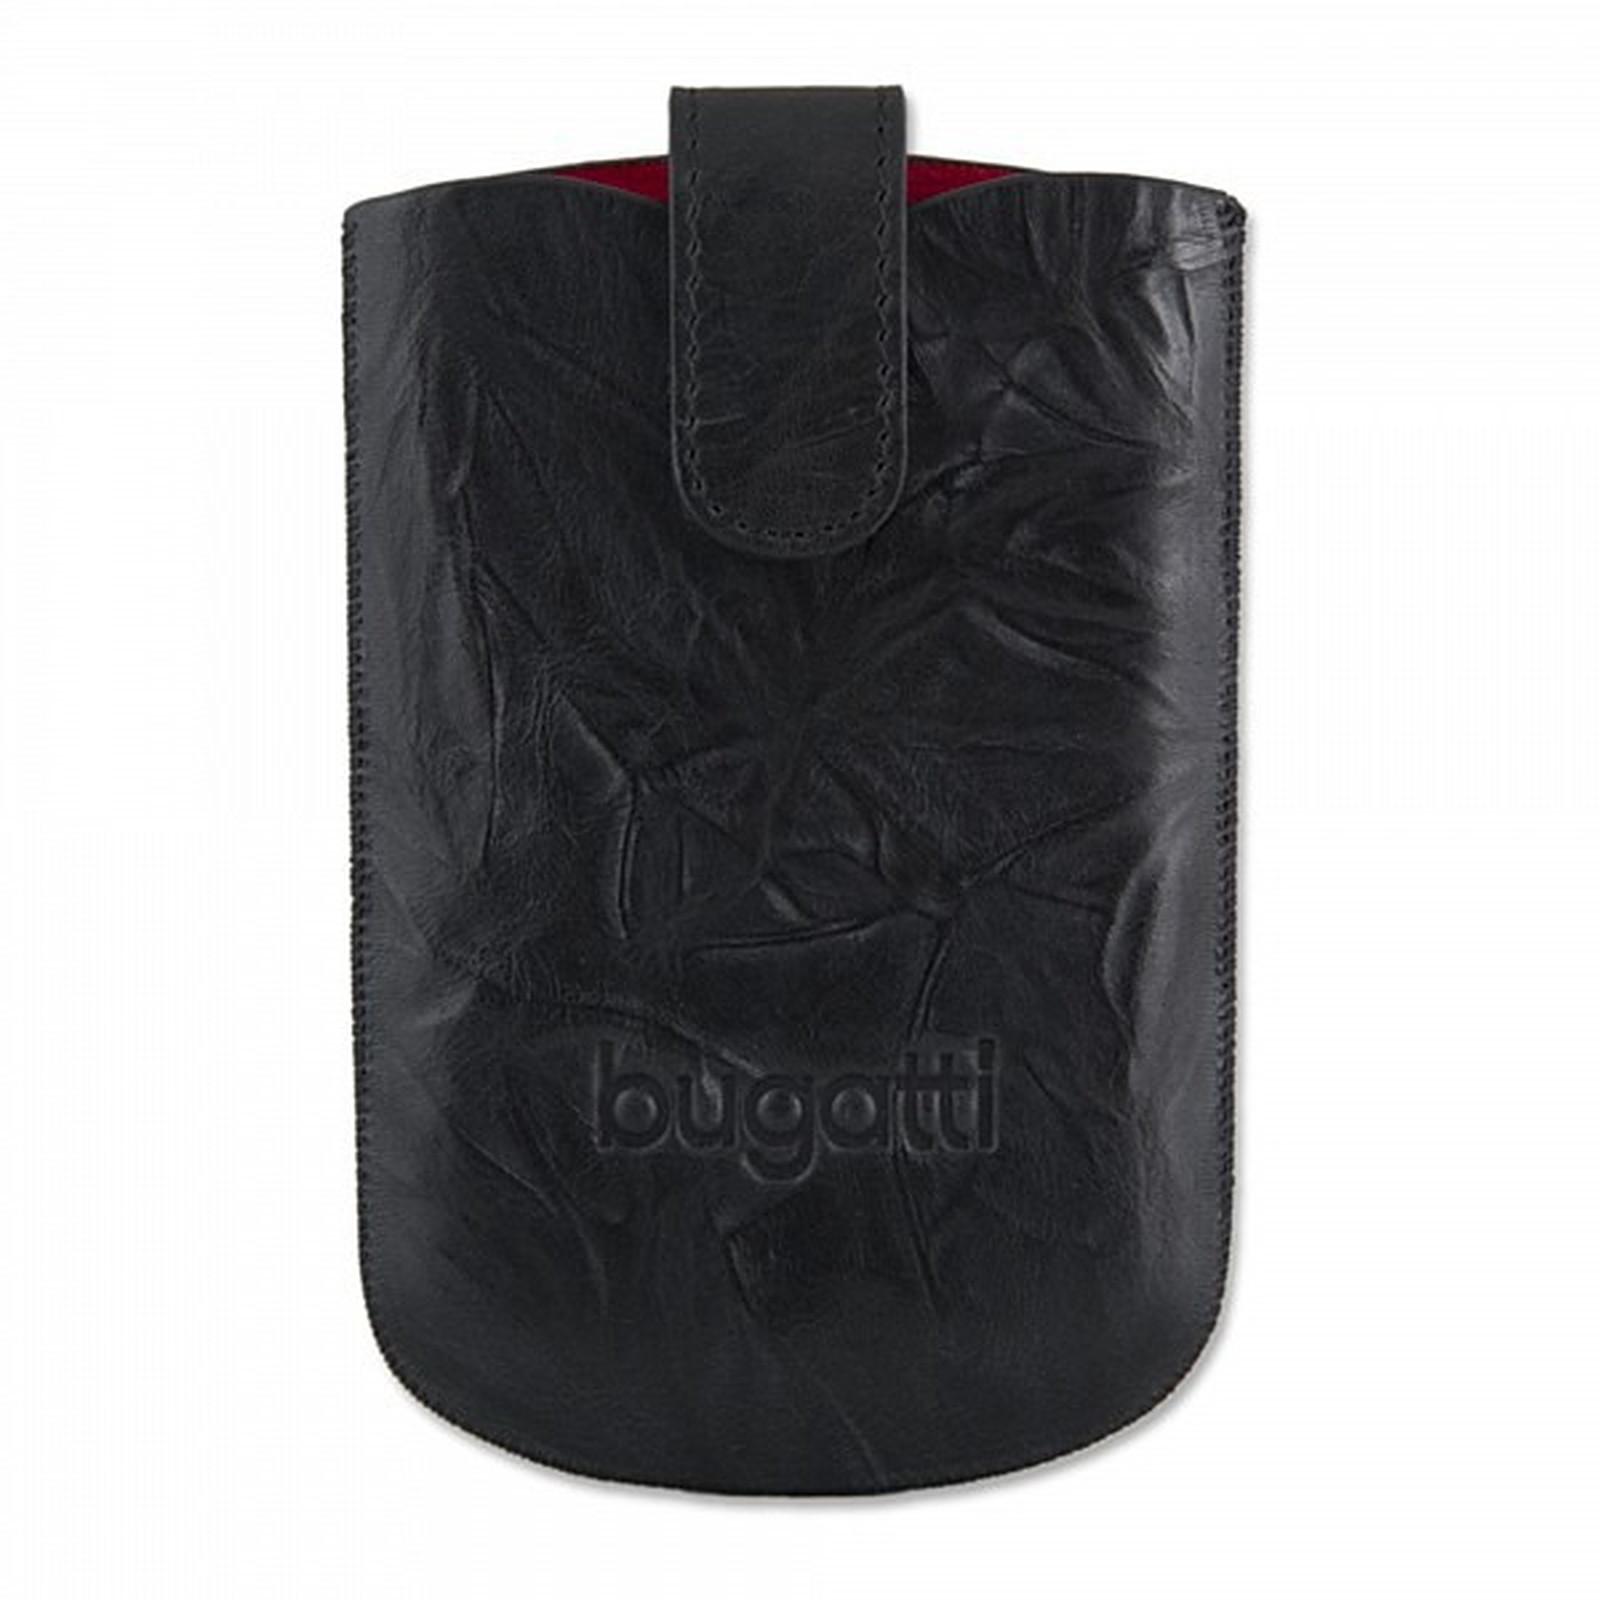 Bugatti SlimCase Unique L noir carbone - Etui en cuir universel (pour téléphones portables)